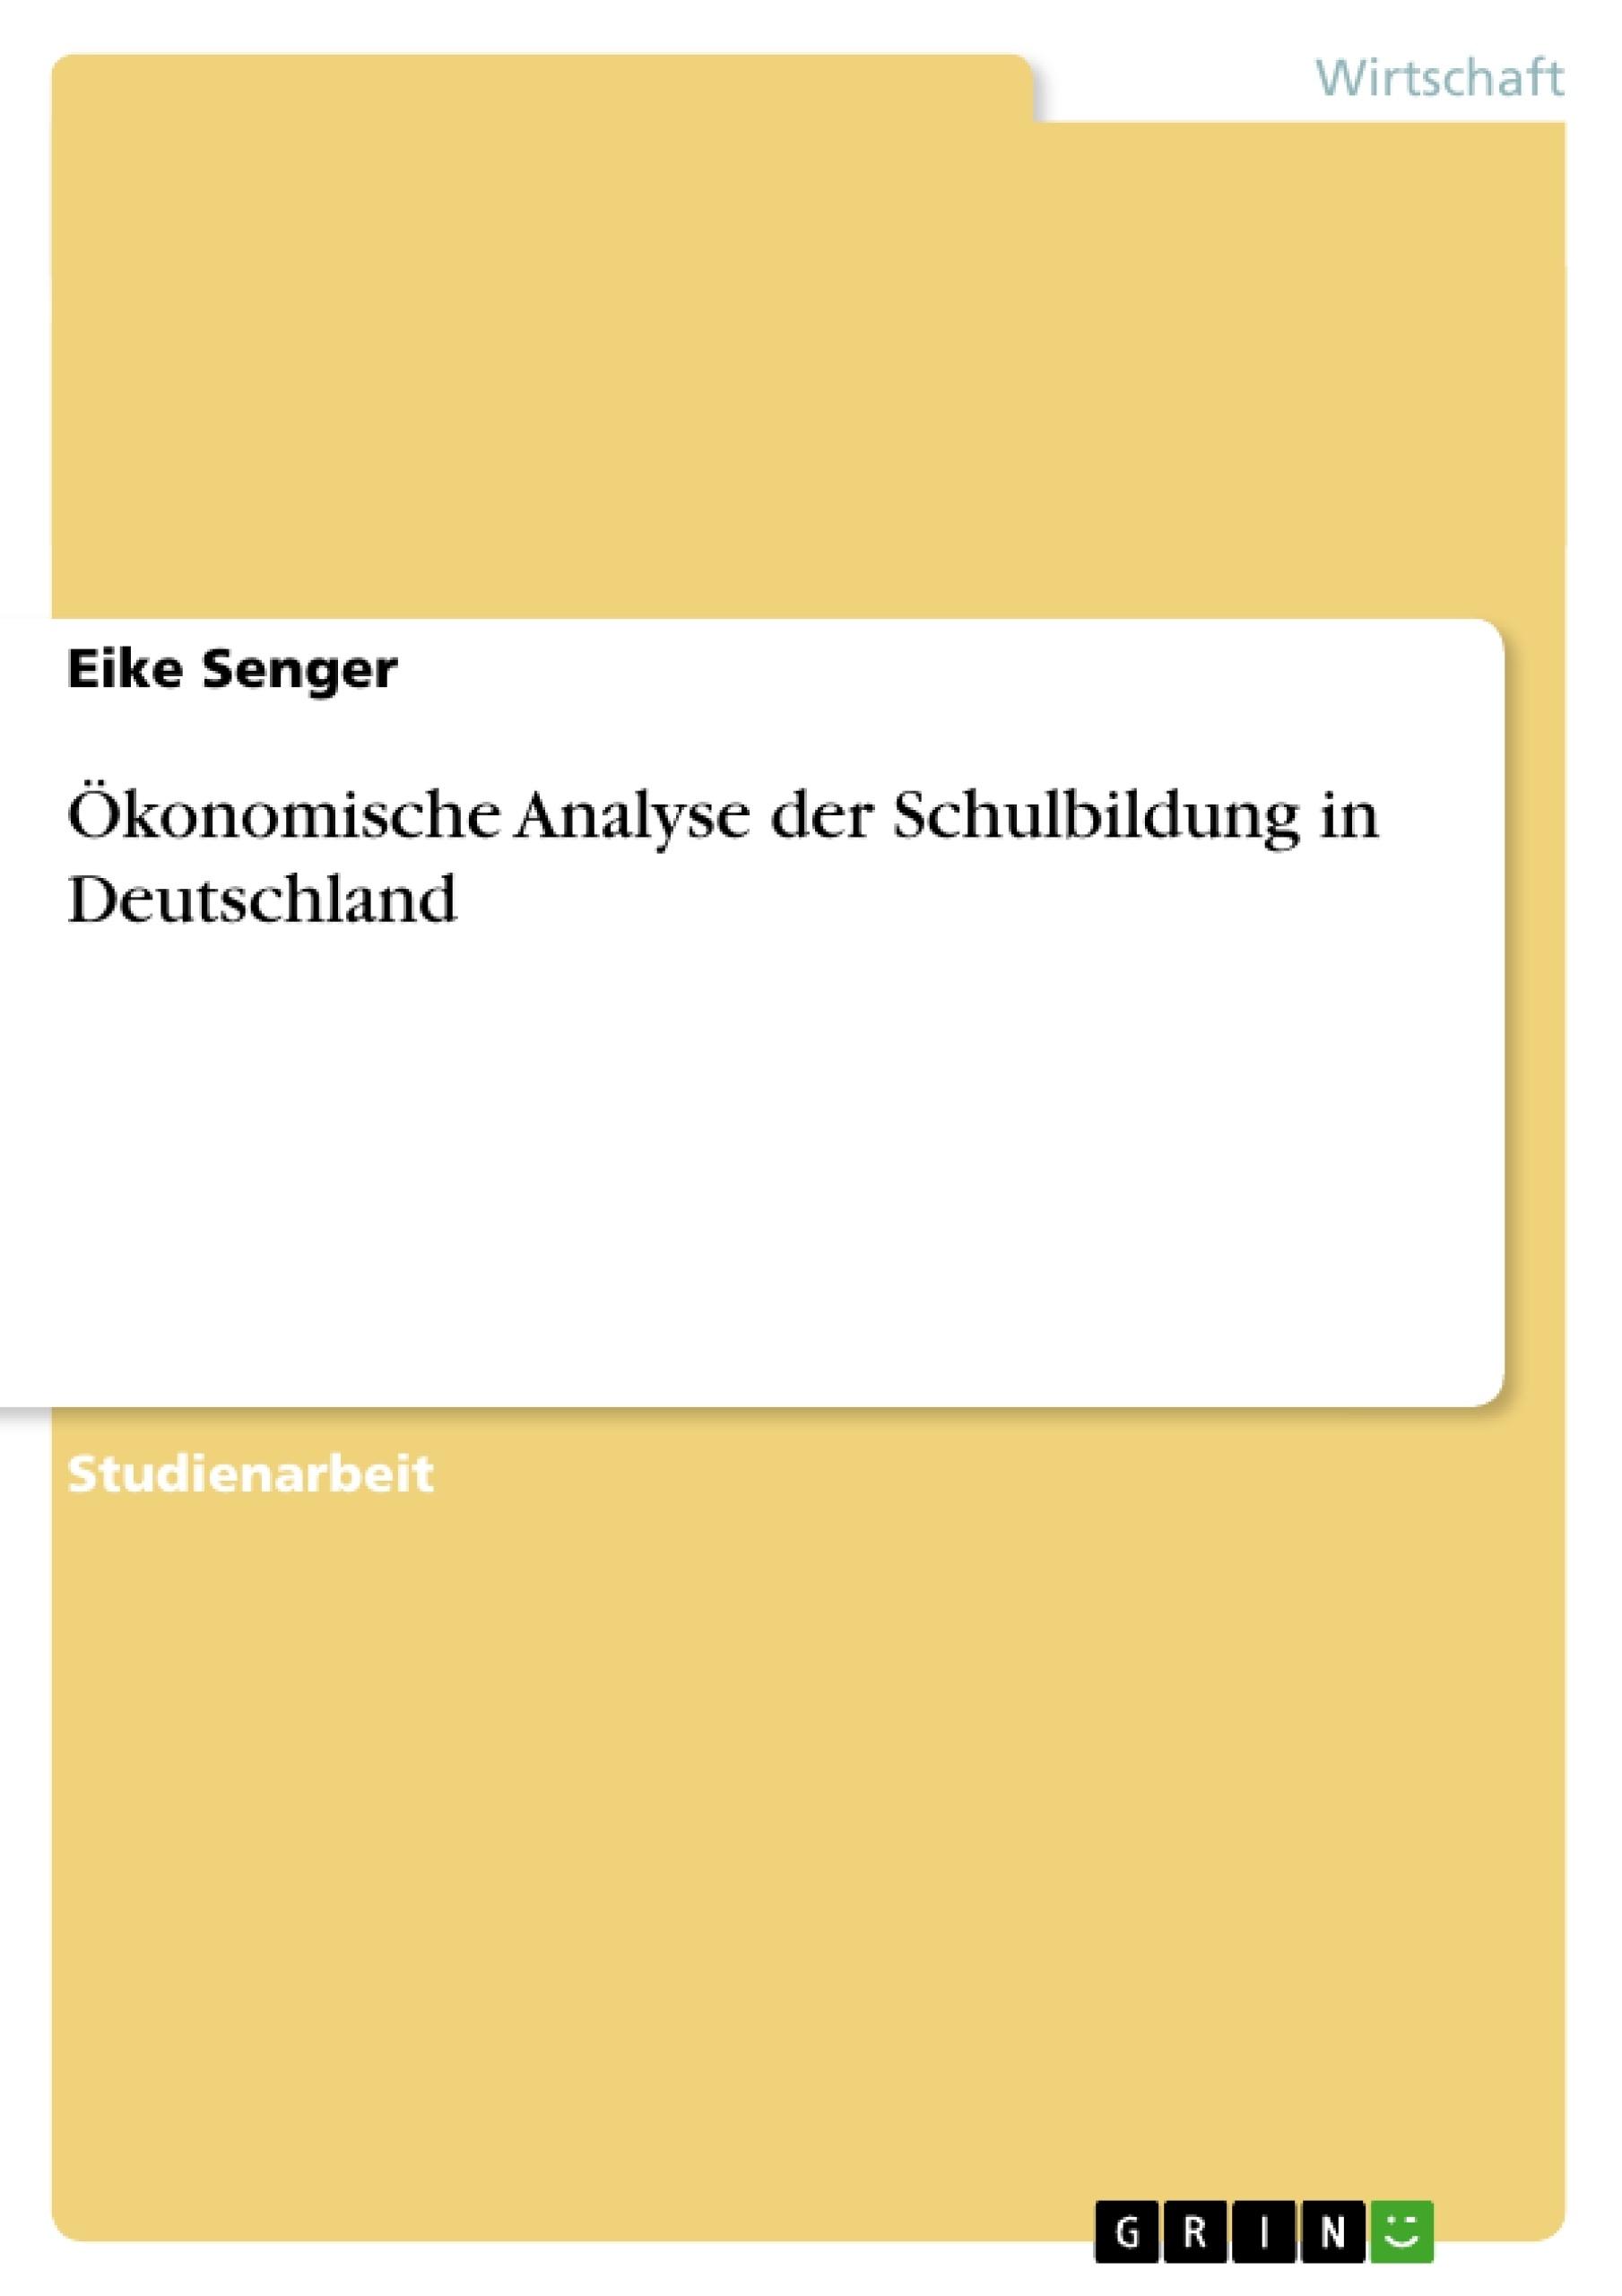 Titel: Ökonomische Analyse der Schulbildung in Deutschland